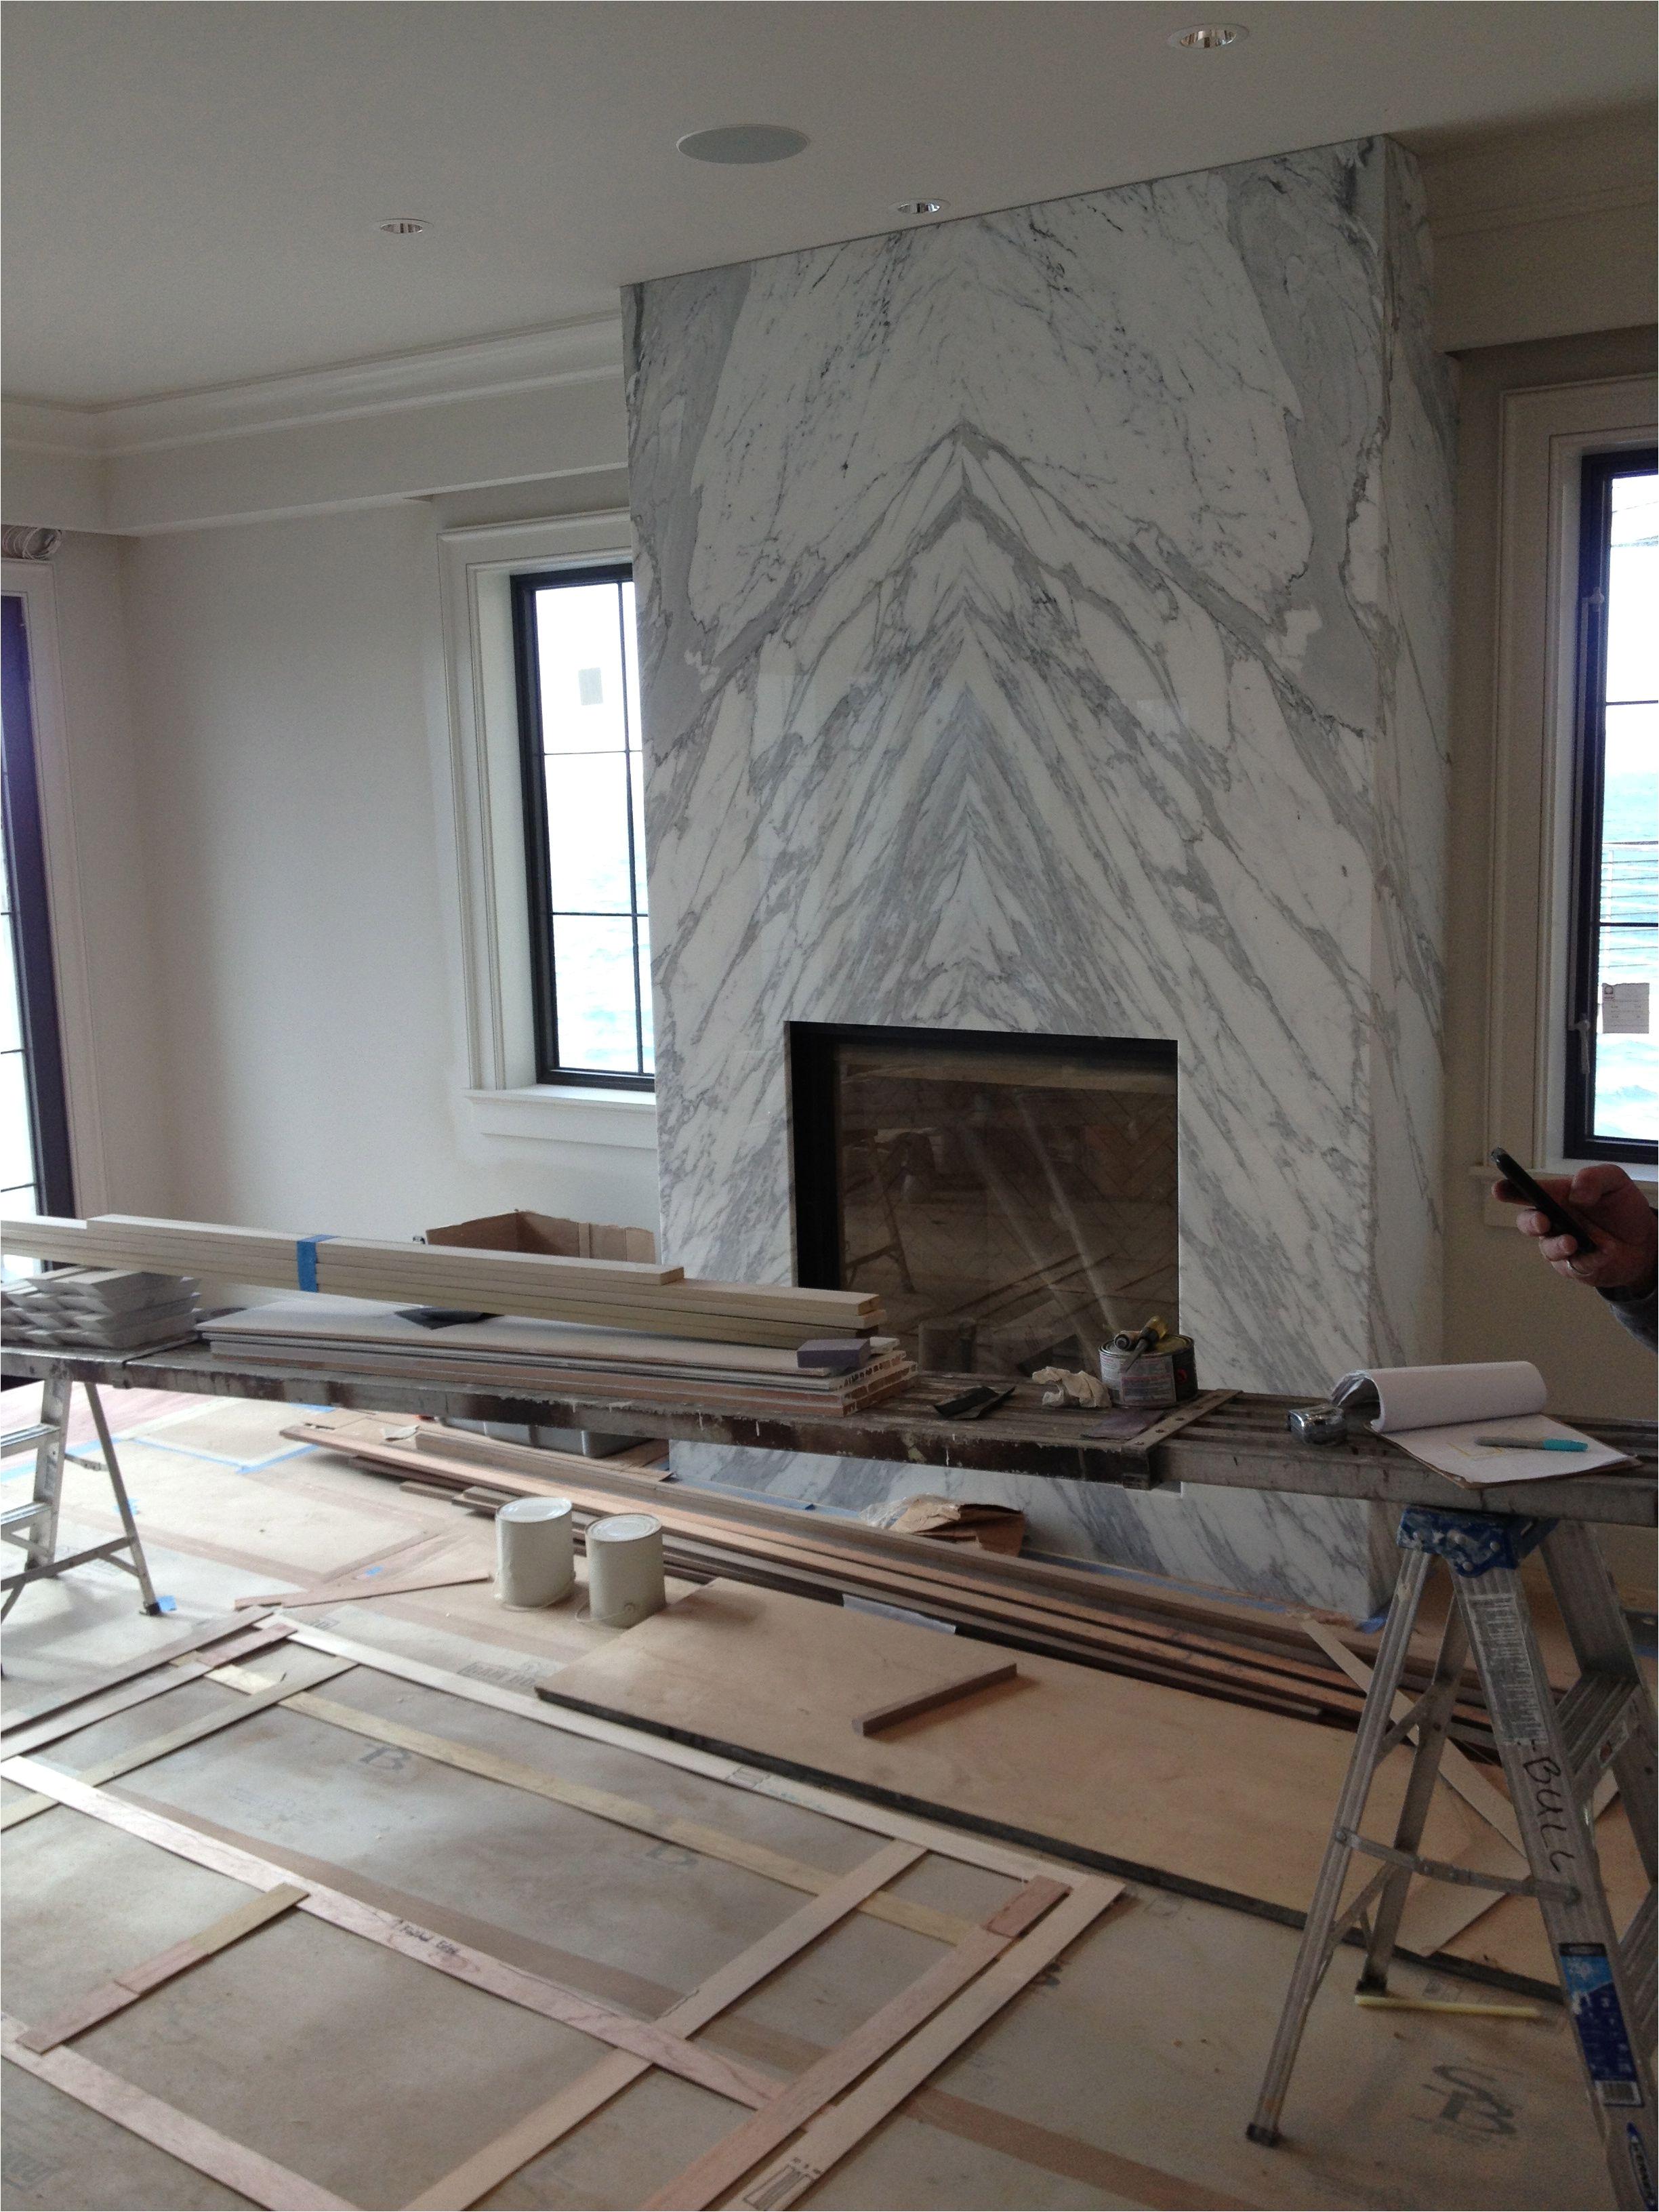 White Quartz Fireplace Surround Contemporary Slab Stone Calacutta Carrara Marble Book